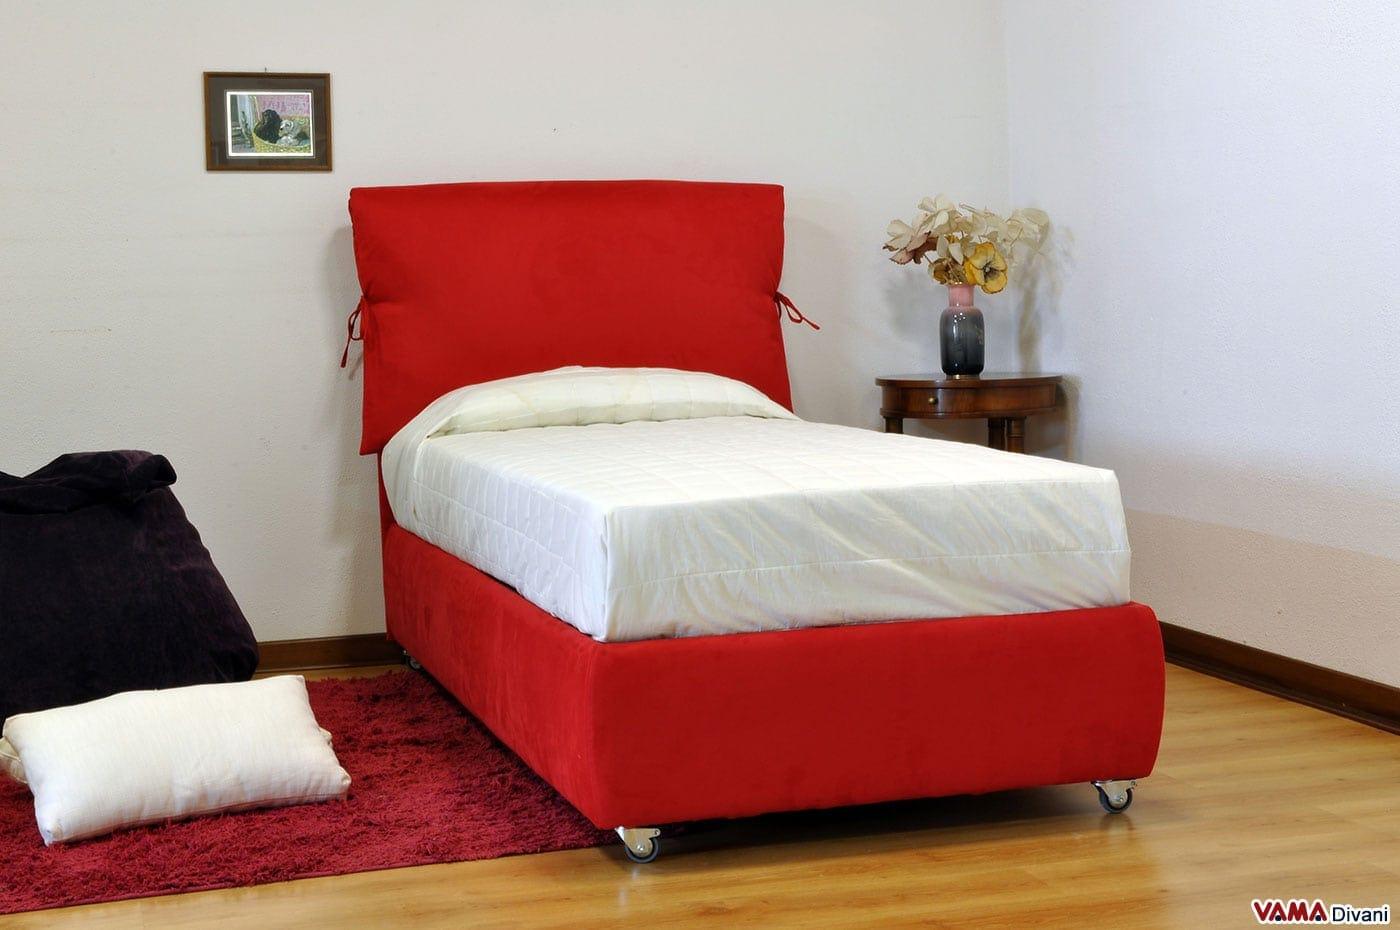 Letto singolo su misura in tessuto rosso con contenitore for Letti in tessuto con contenitore